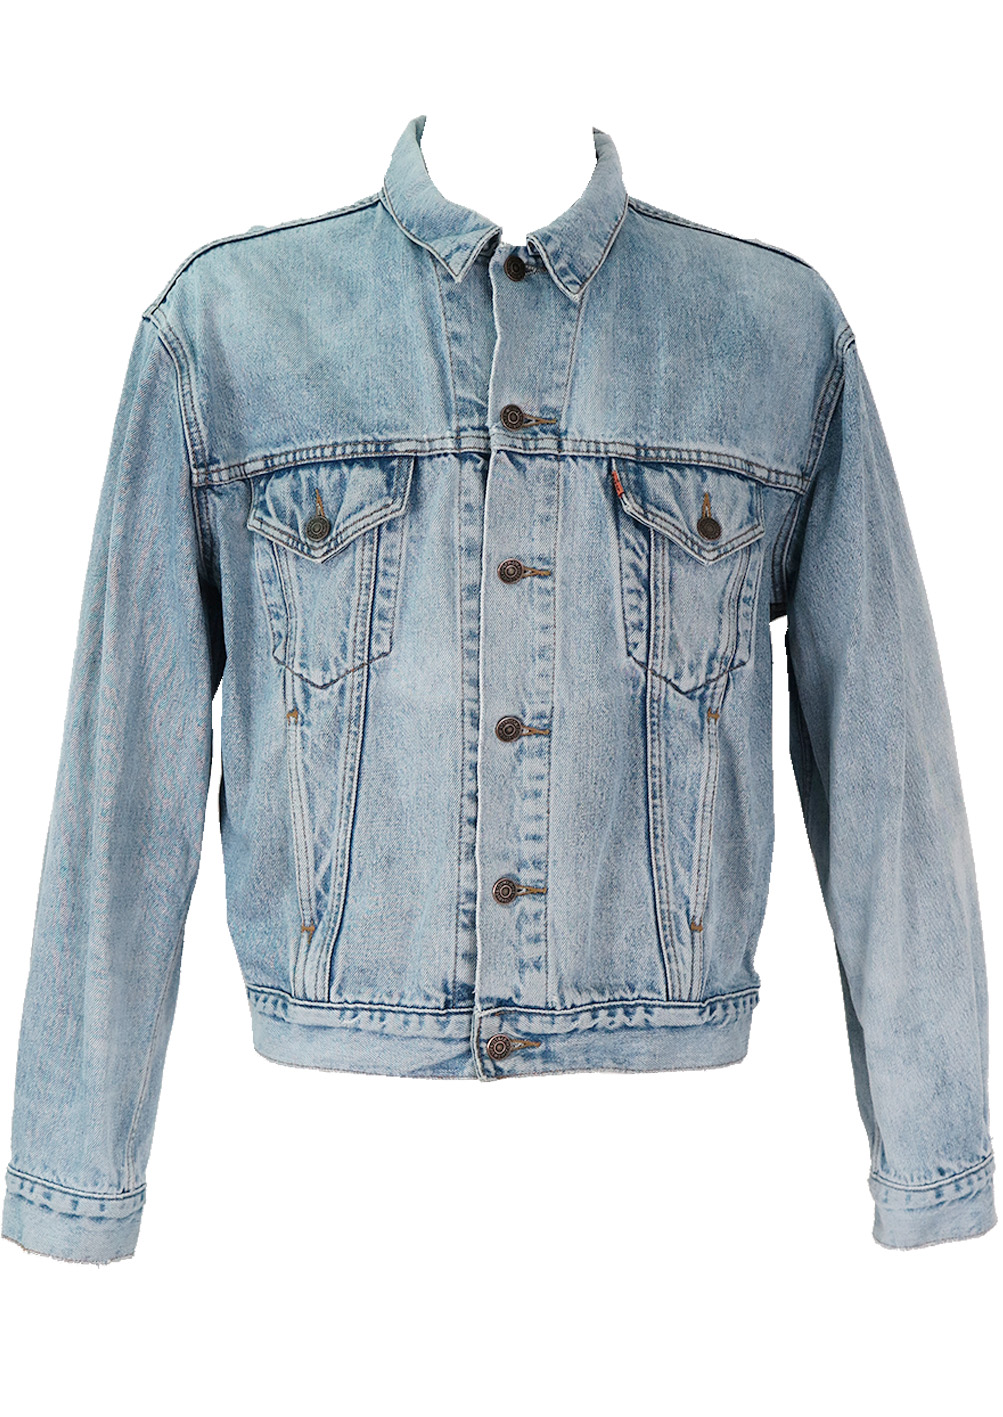 Levis Light Blue Denim Jacket L Xl Reign Vintage